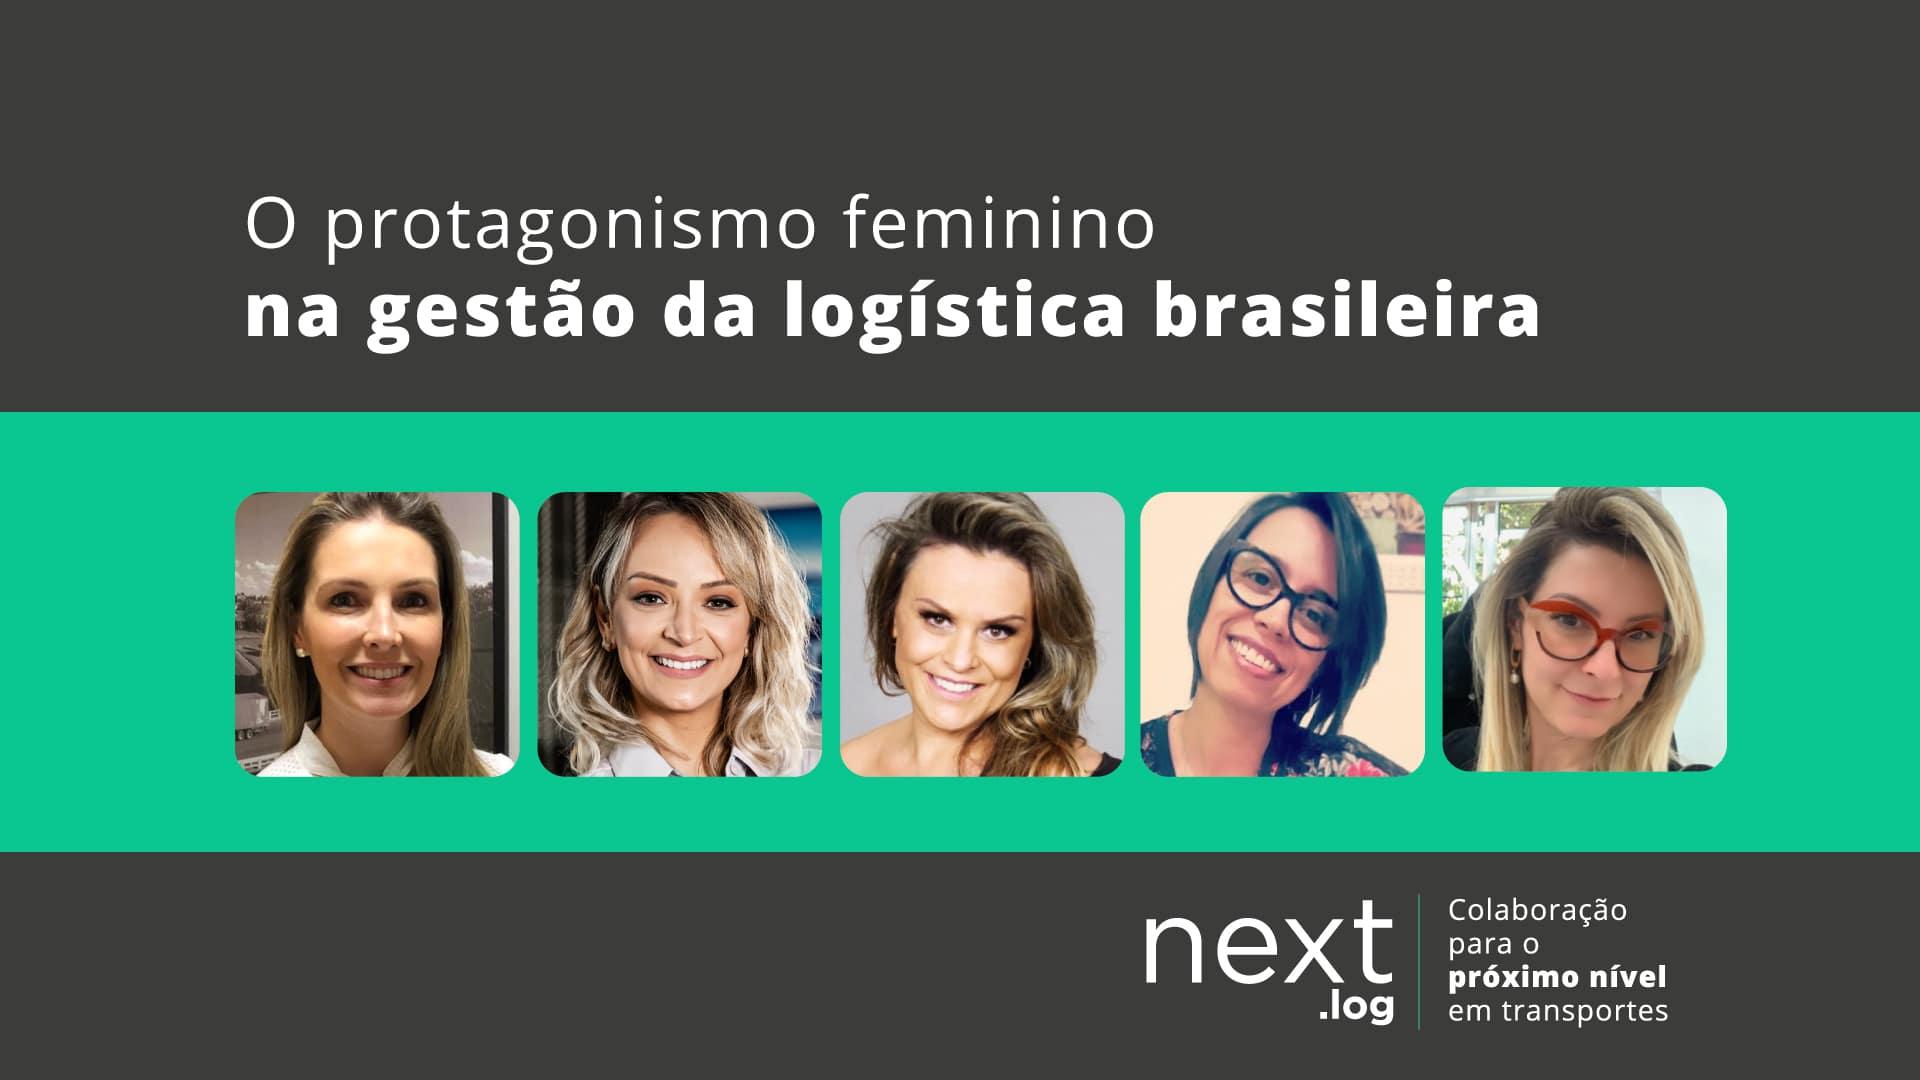 Protagonismo feminino na gestão da logística brasileira